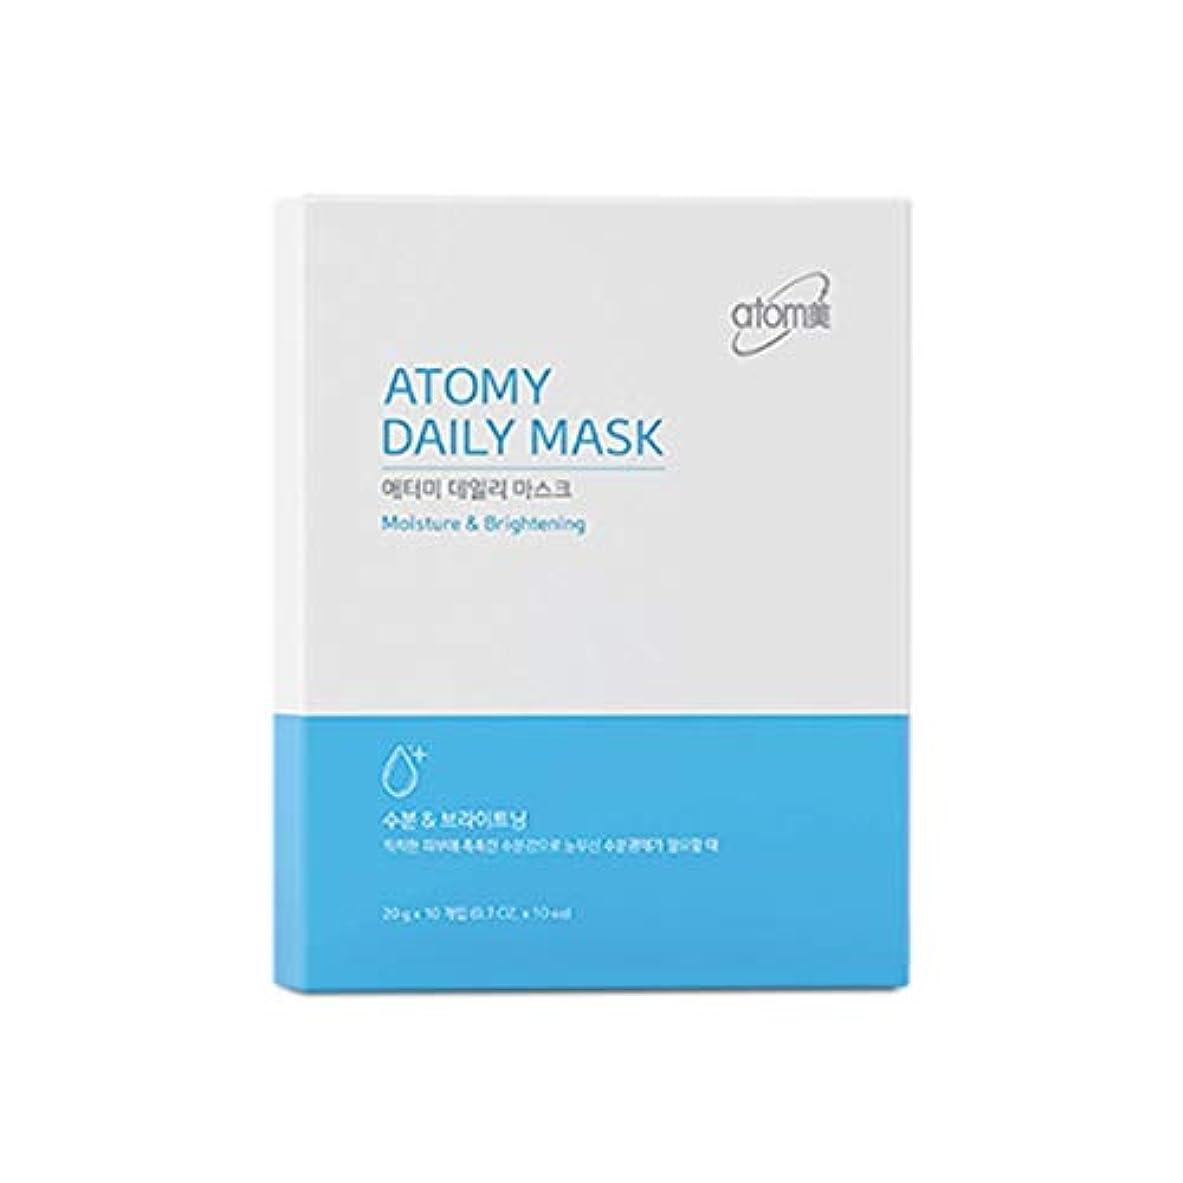 政治的砲撃スクラップ[NEW] Atomy Daily Mask Sheet 10 Pack- Moisture & Brightening アトミ 自然由来の成分と4つの特許成分マスクパック(並行輸入品)